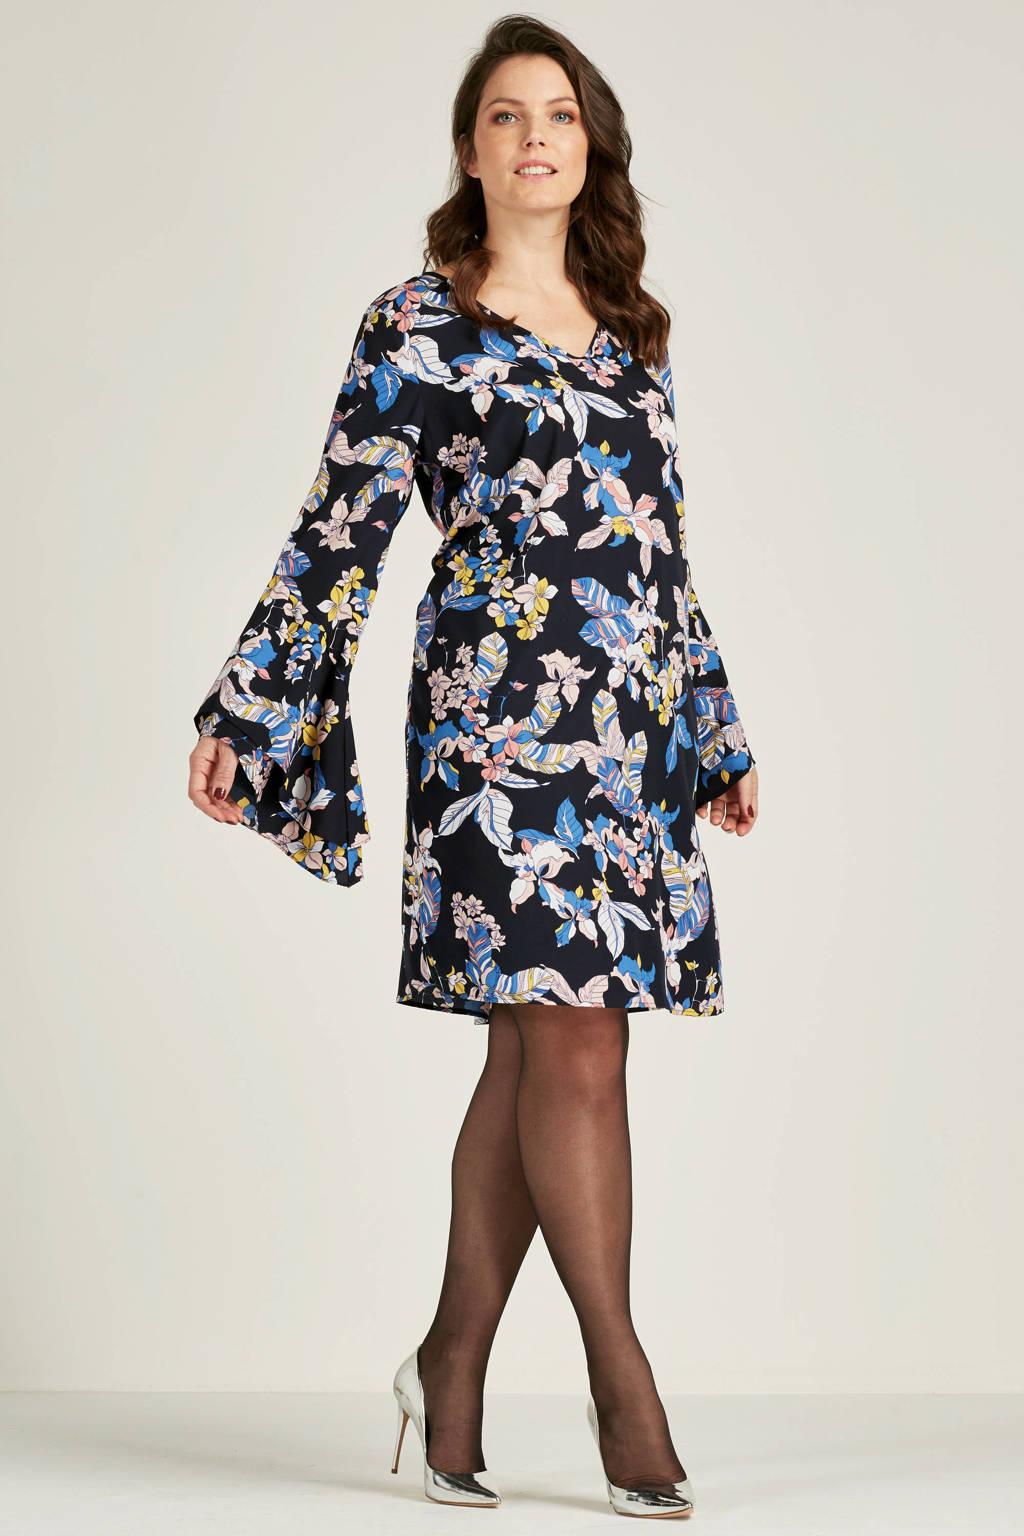 JUNAROSE jurk met bloemenprint, Donkerblauw/lichtblauw/roze/ecru/geel